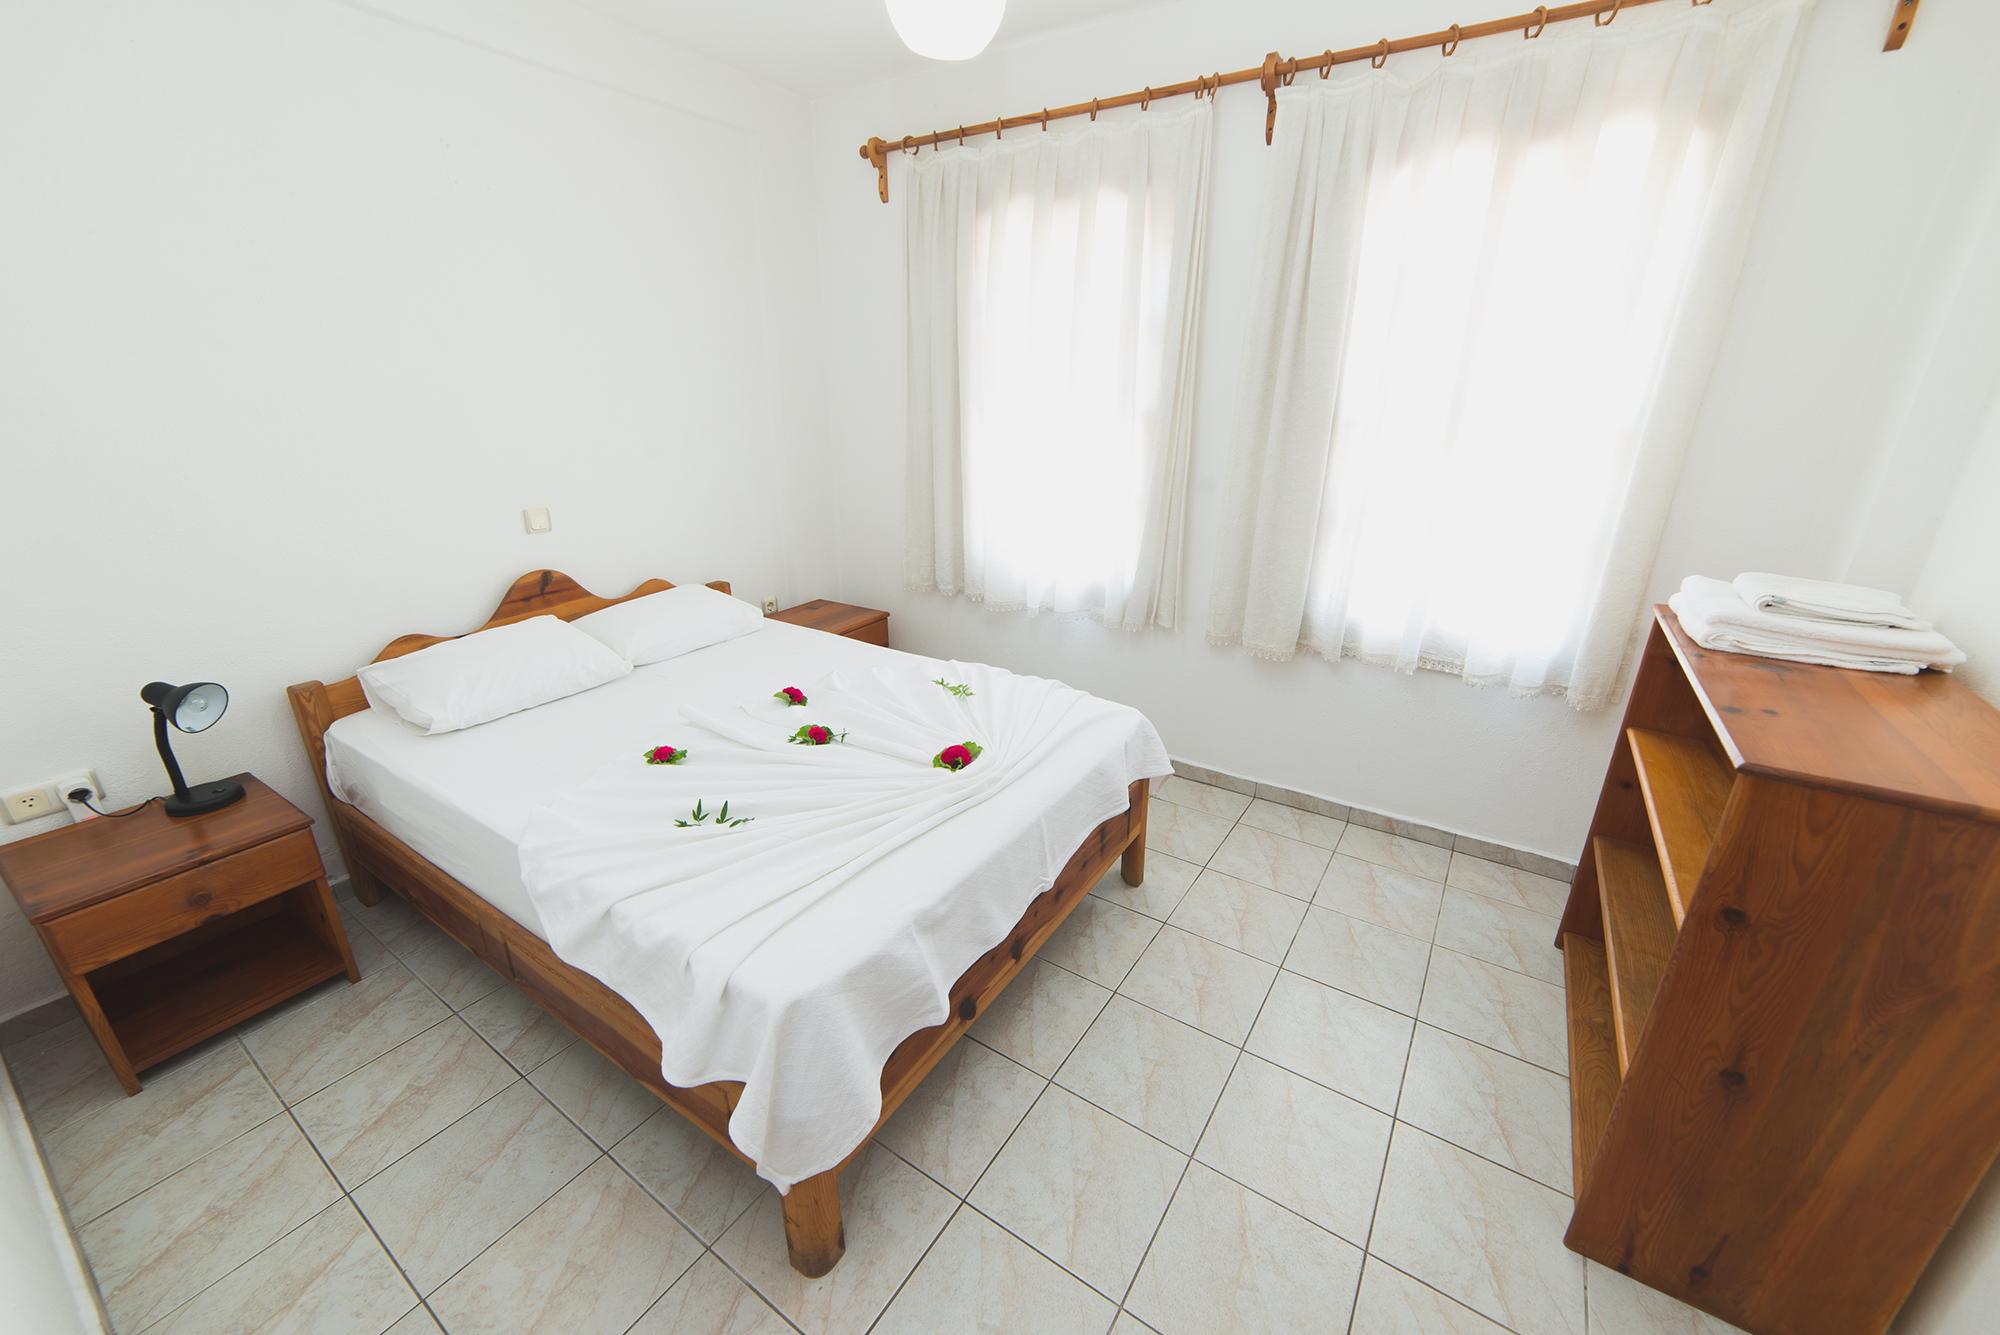 old bedroom.jpg